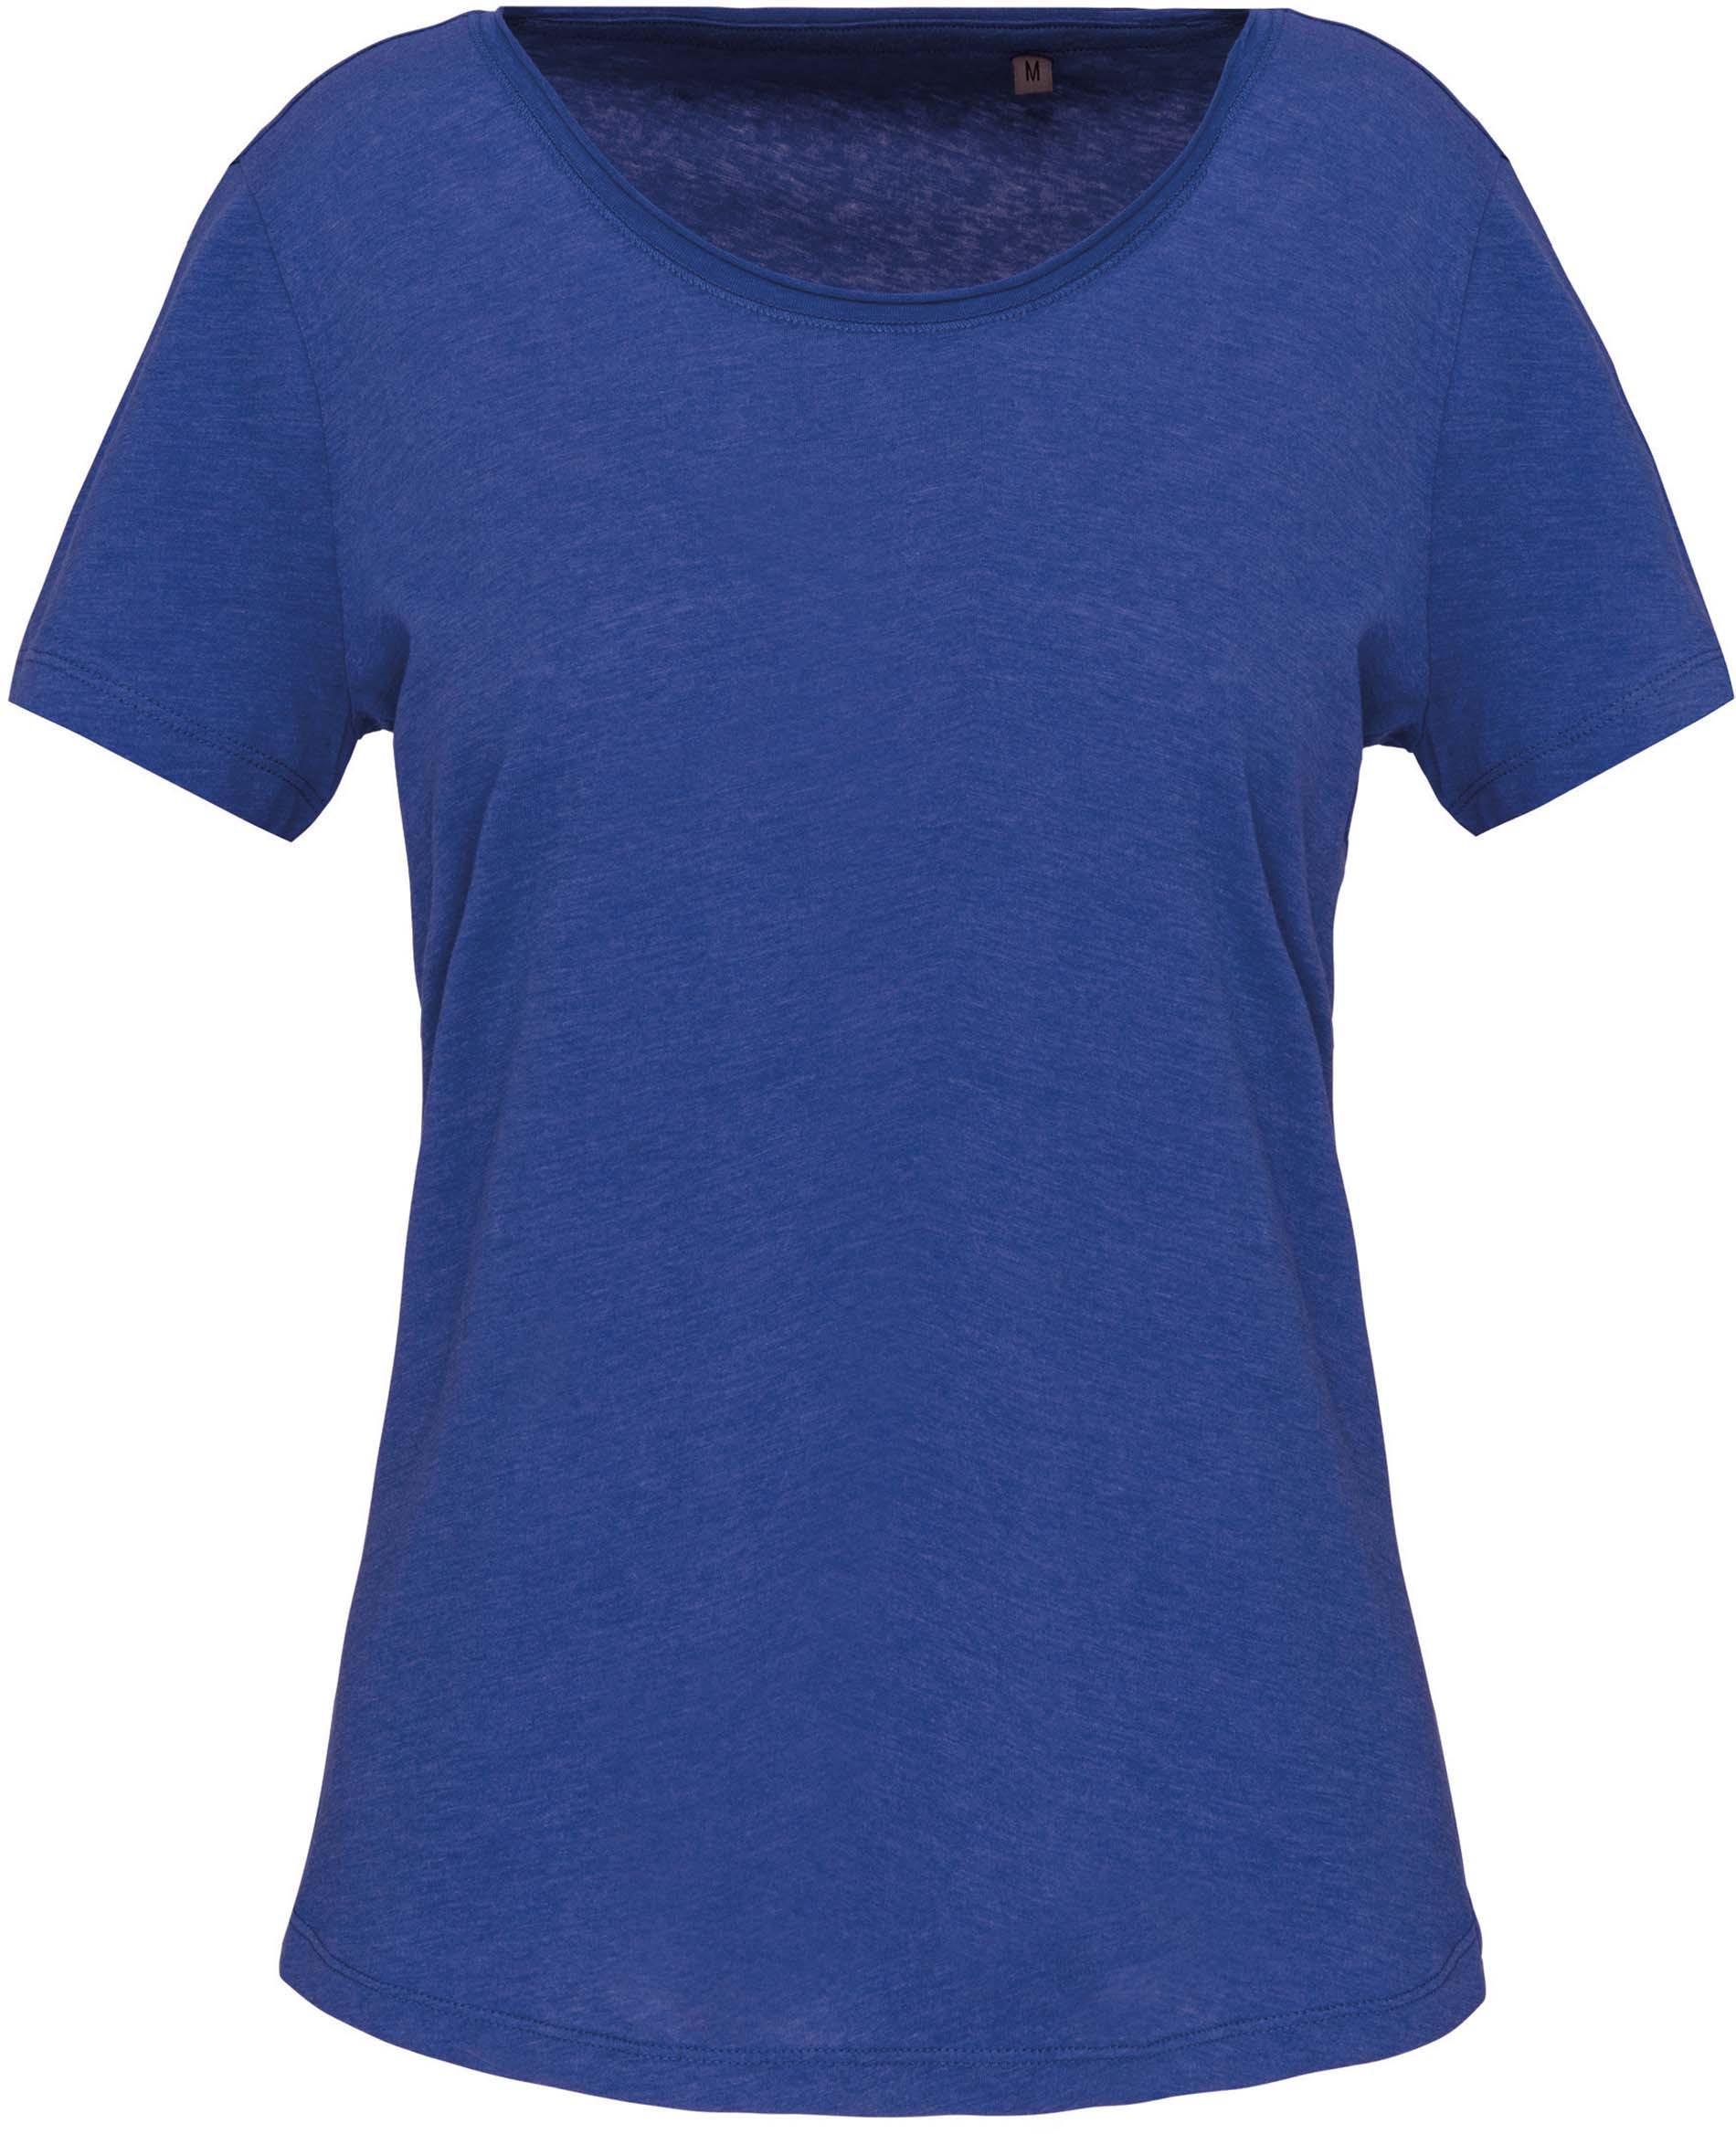 Tee-shirt bio manches courtes femme - 2-1643-5